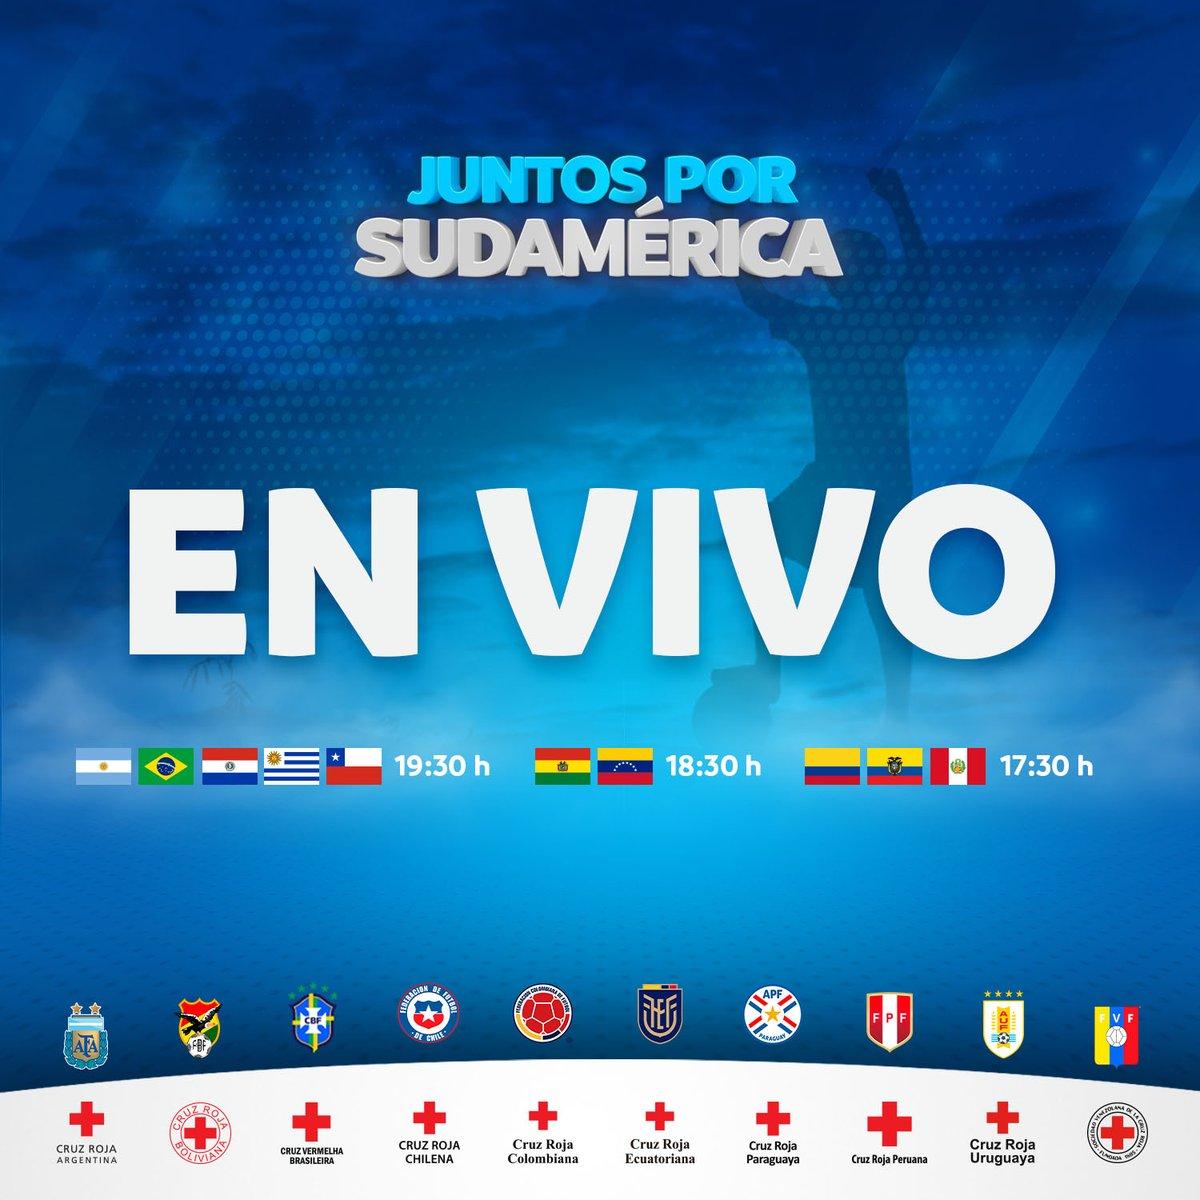 📌📅No te pierdas esta noche el cierre de la campaña solidaria #JuntosPorSudamerica   📺📲En Vivo, desde YouTube: https://t.co/4RJS9jQrmw https://t.co/KXyCzPBlFU